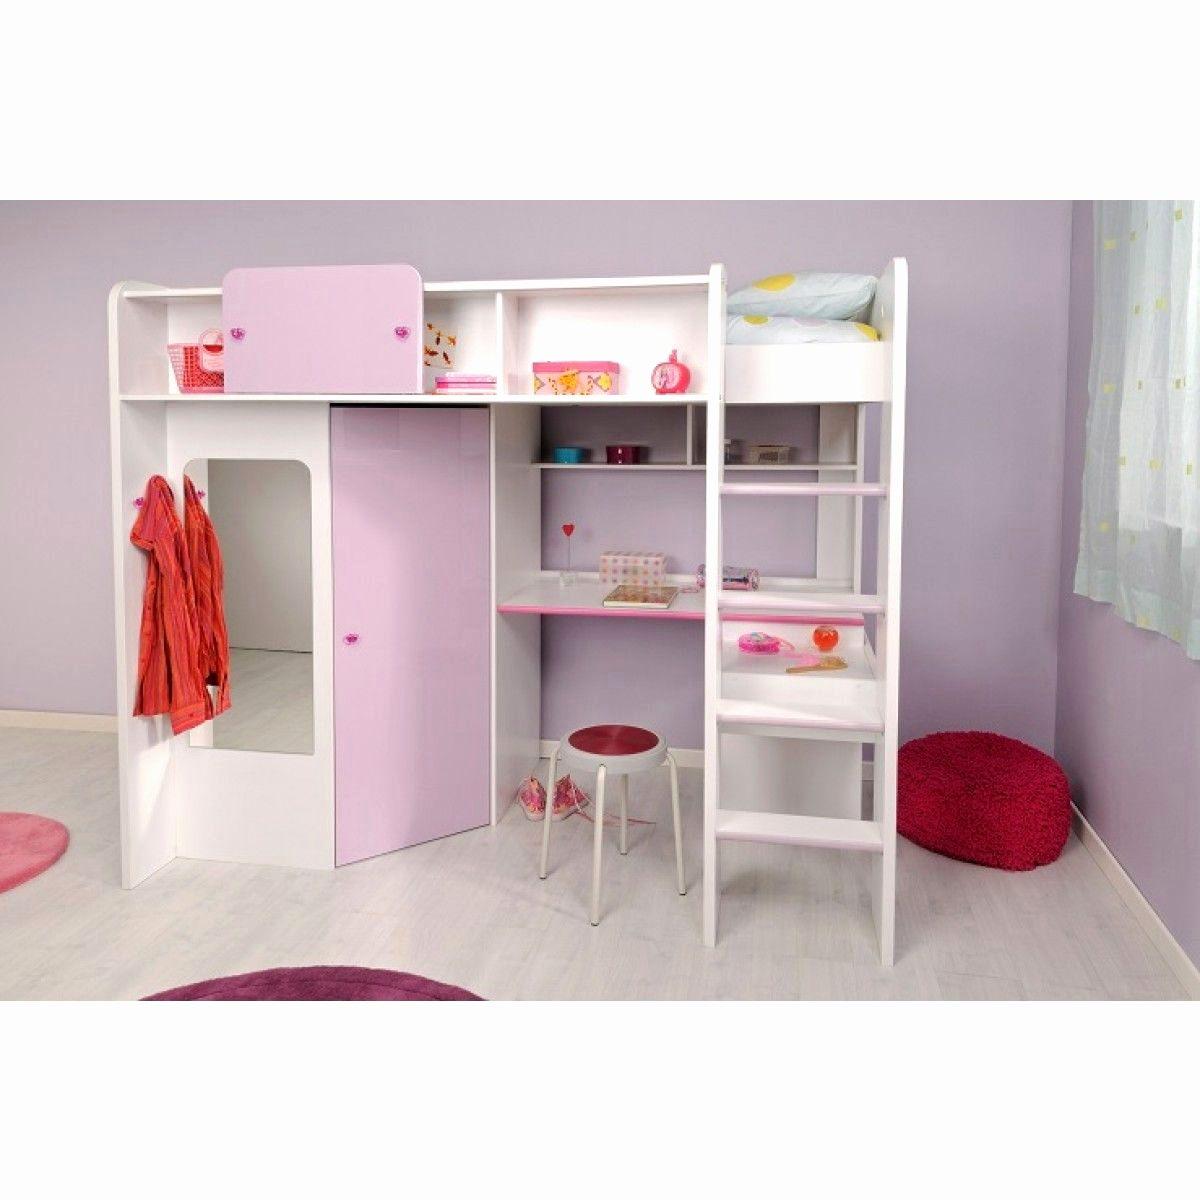 Lit Mezzanine Enfant Avec Bureau Fraîche Lit Mezzanine Avec Rangement Luxe Lit Mezzanine Bureau Fille Fresh